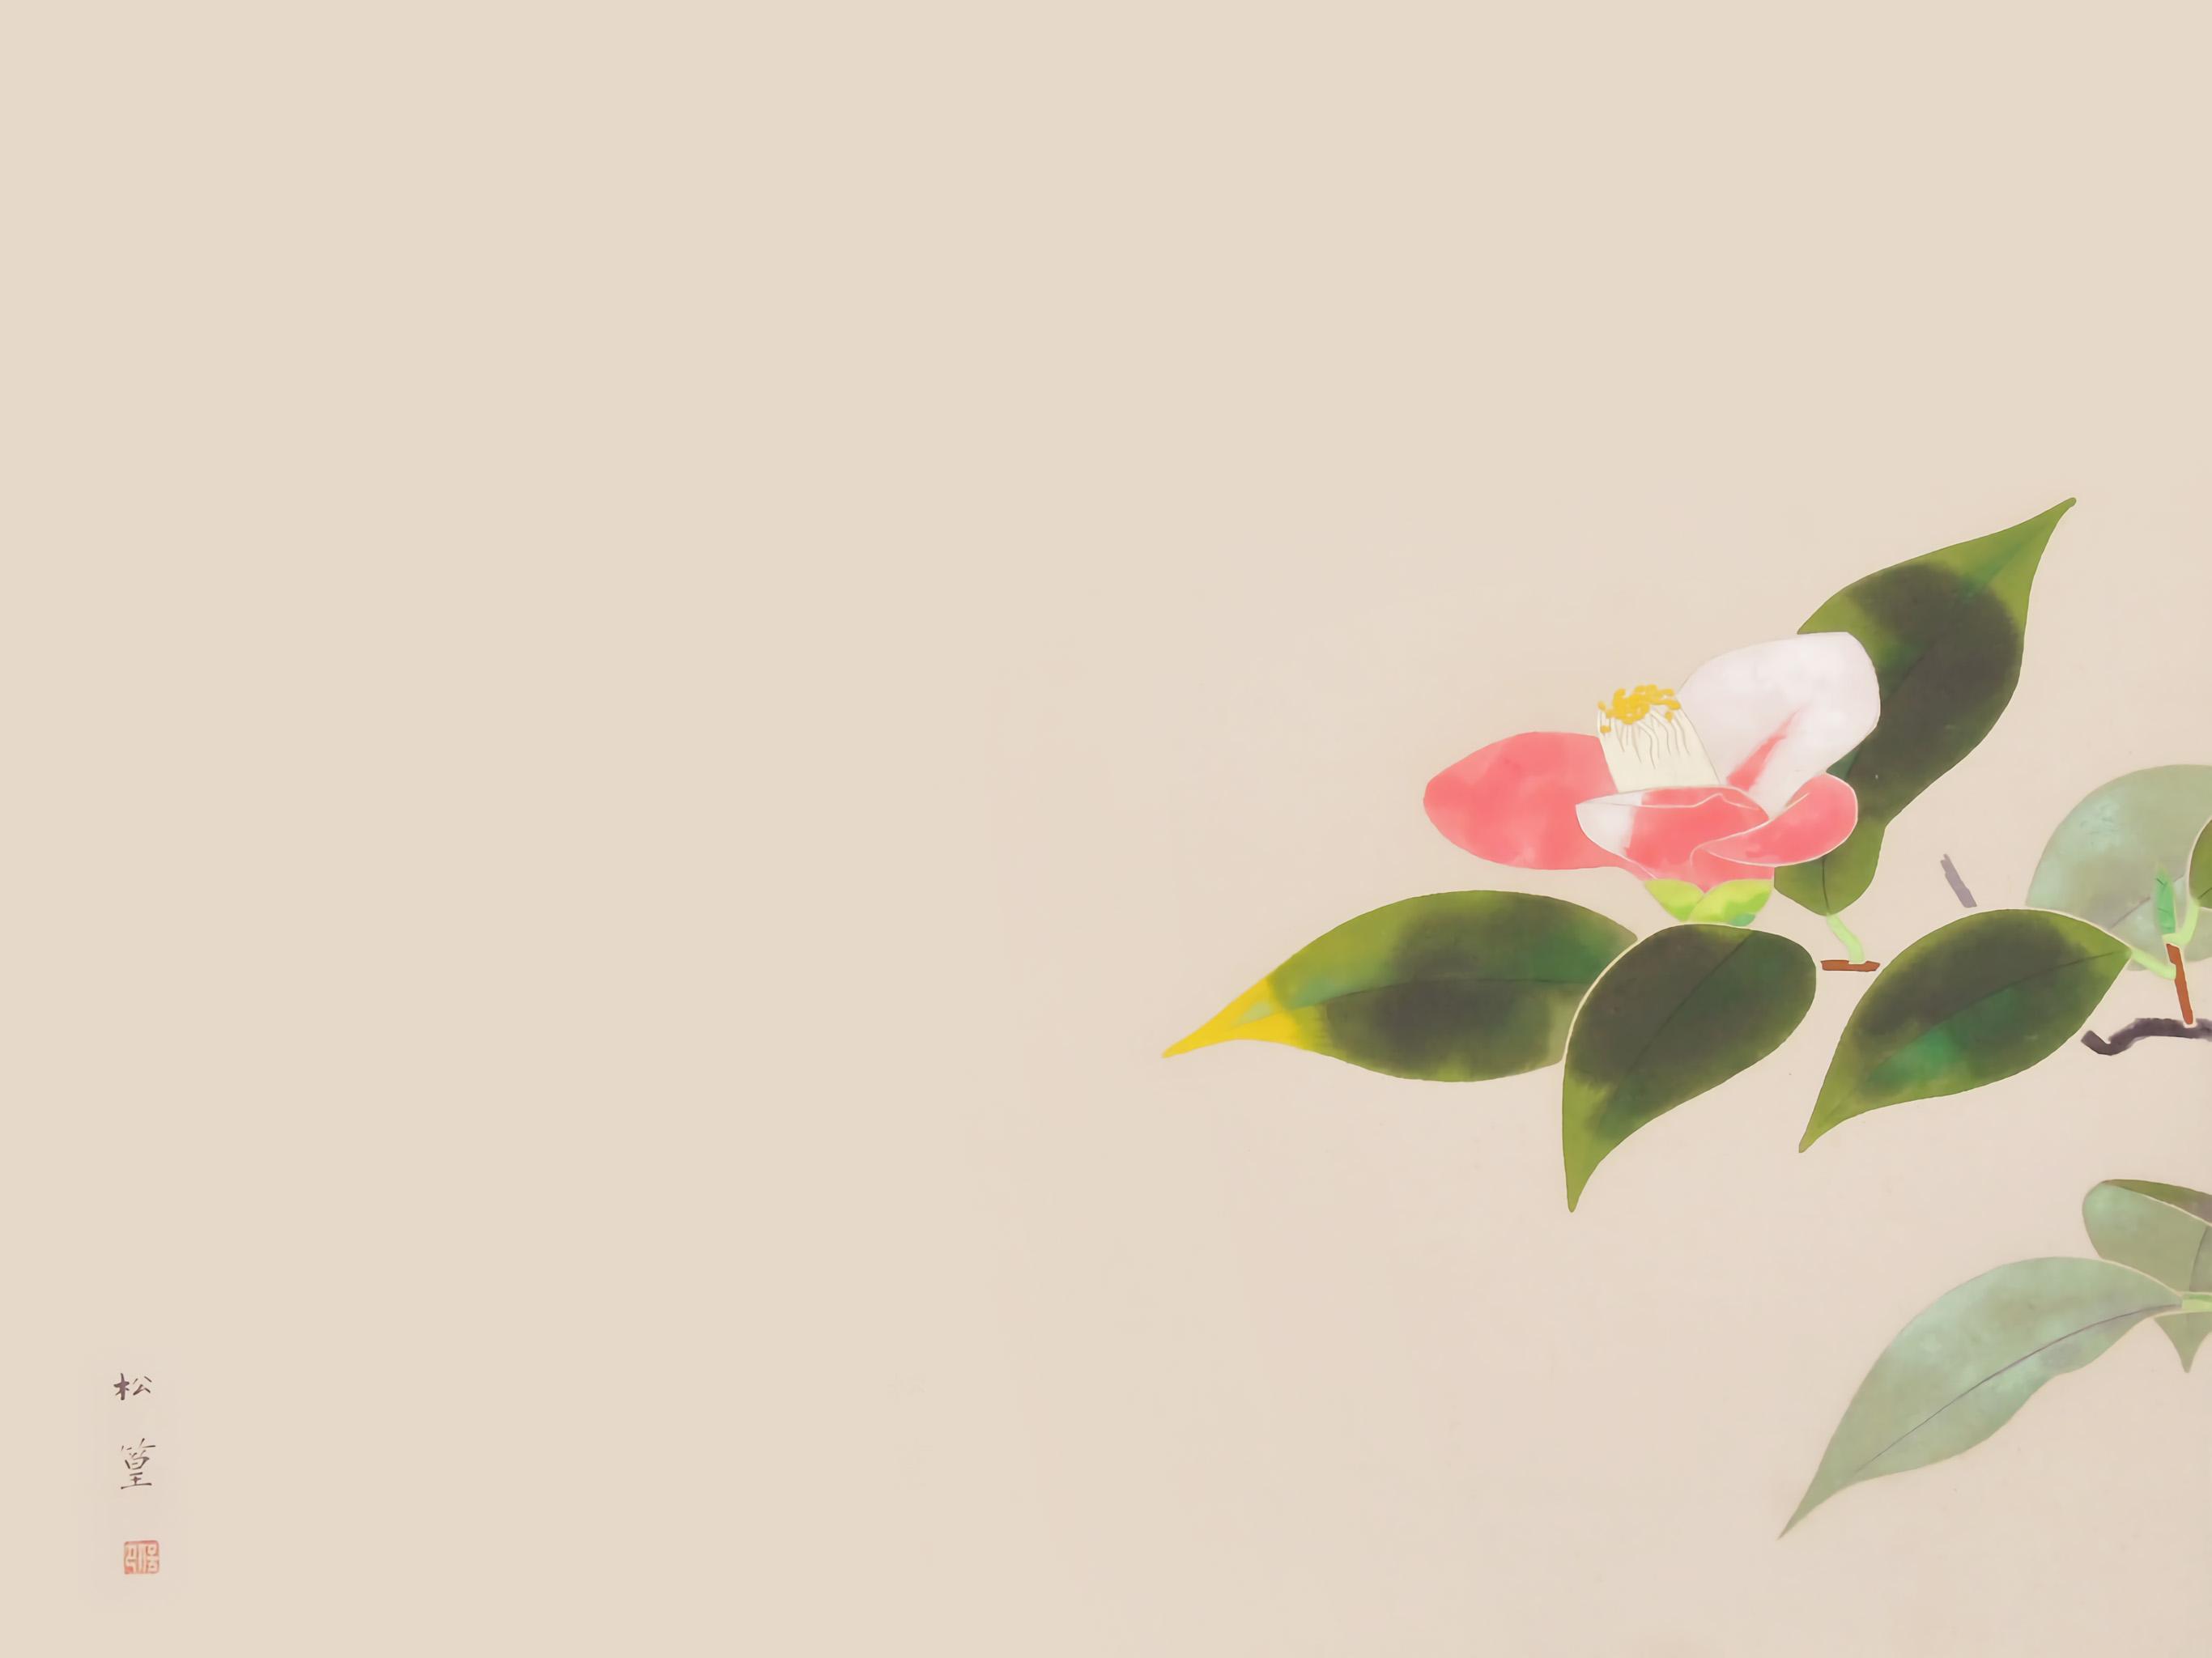 Uemura Shoko - Tsubaki 2732x2048